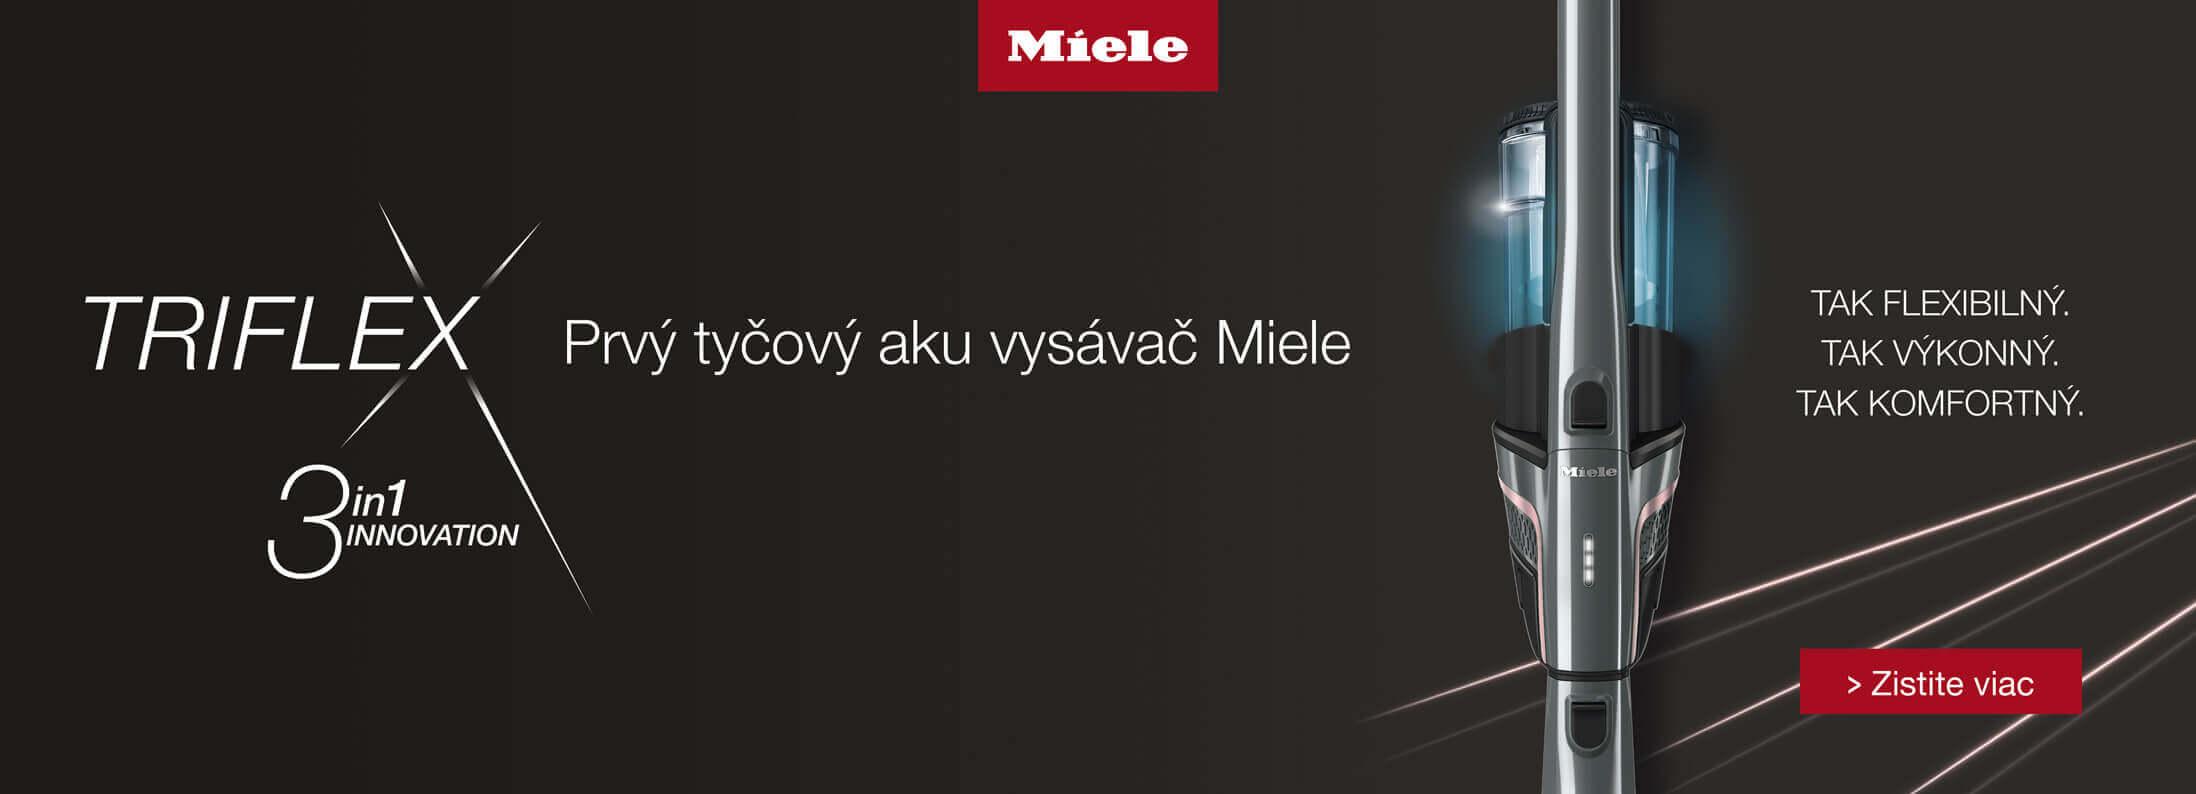 Miele - Nová rada vysaváčov Triflex